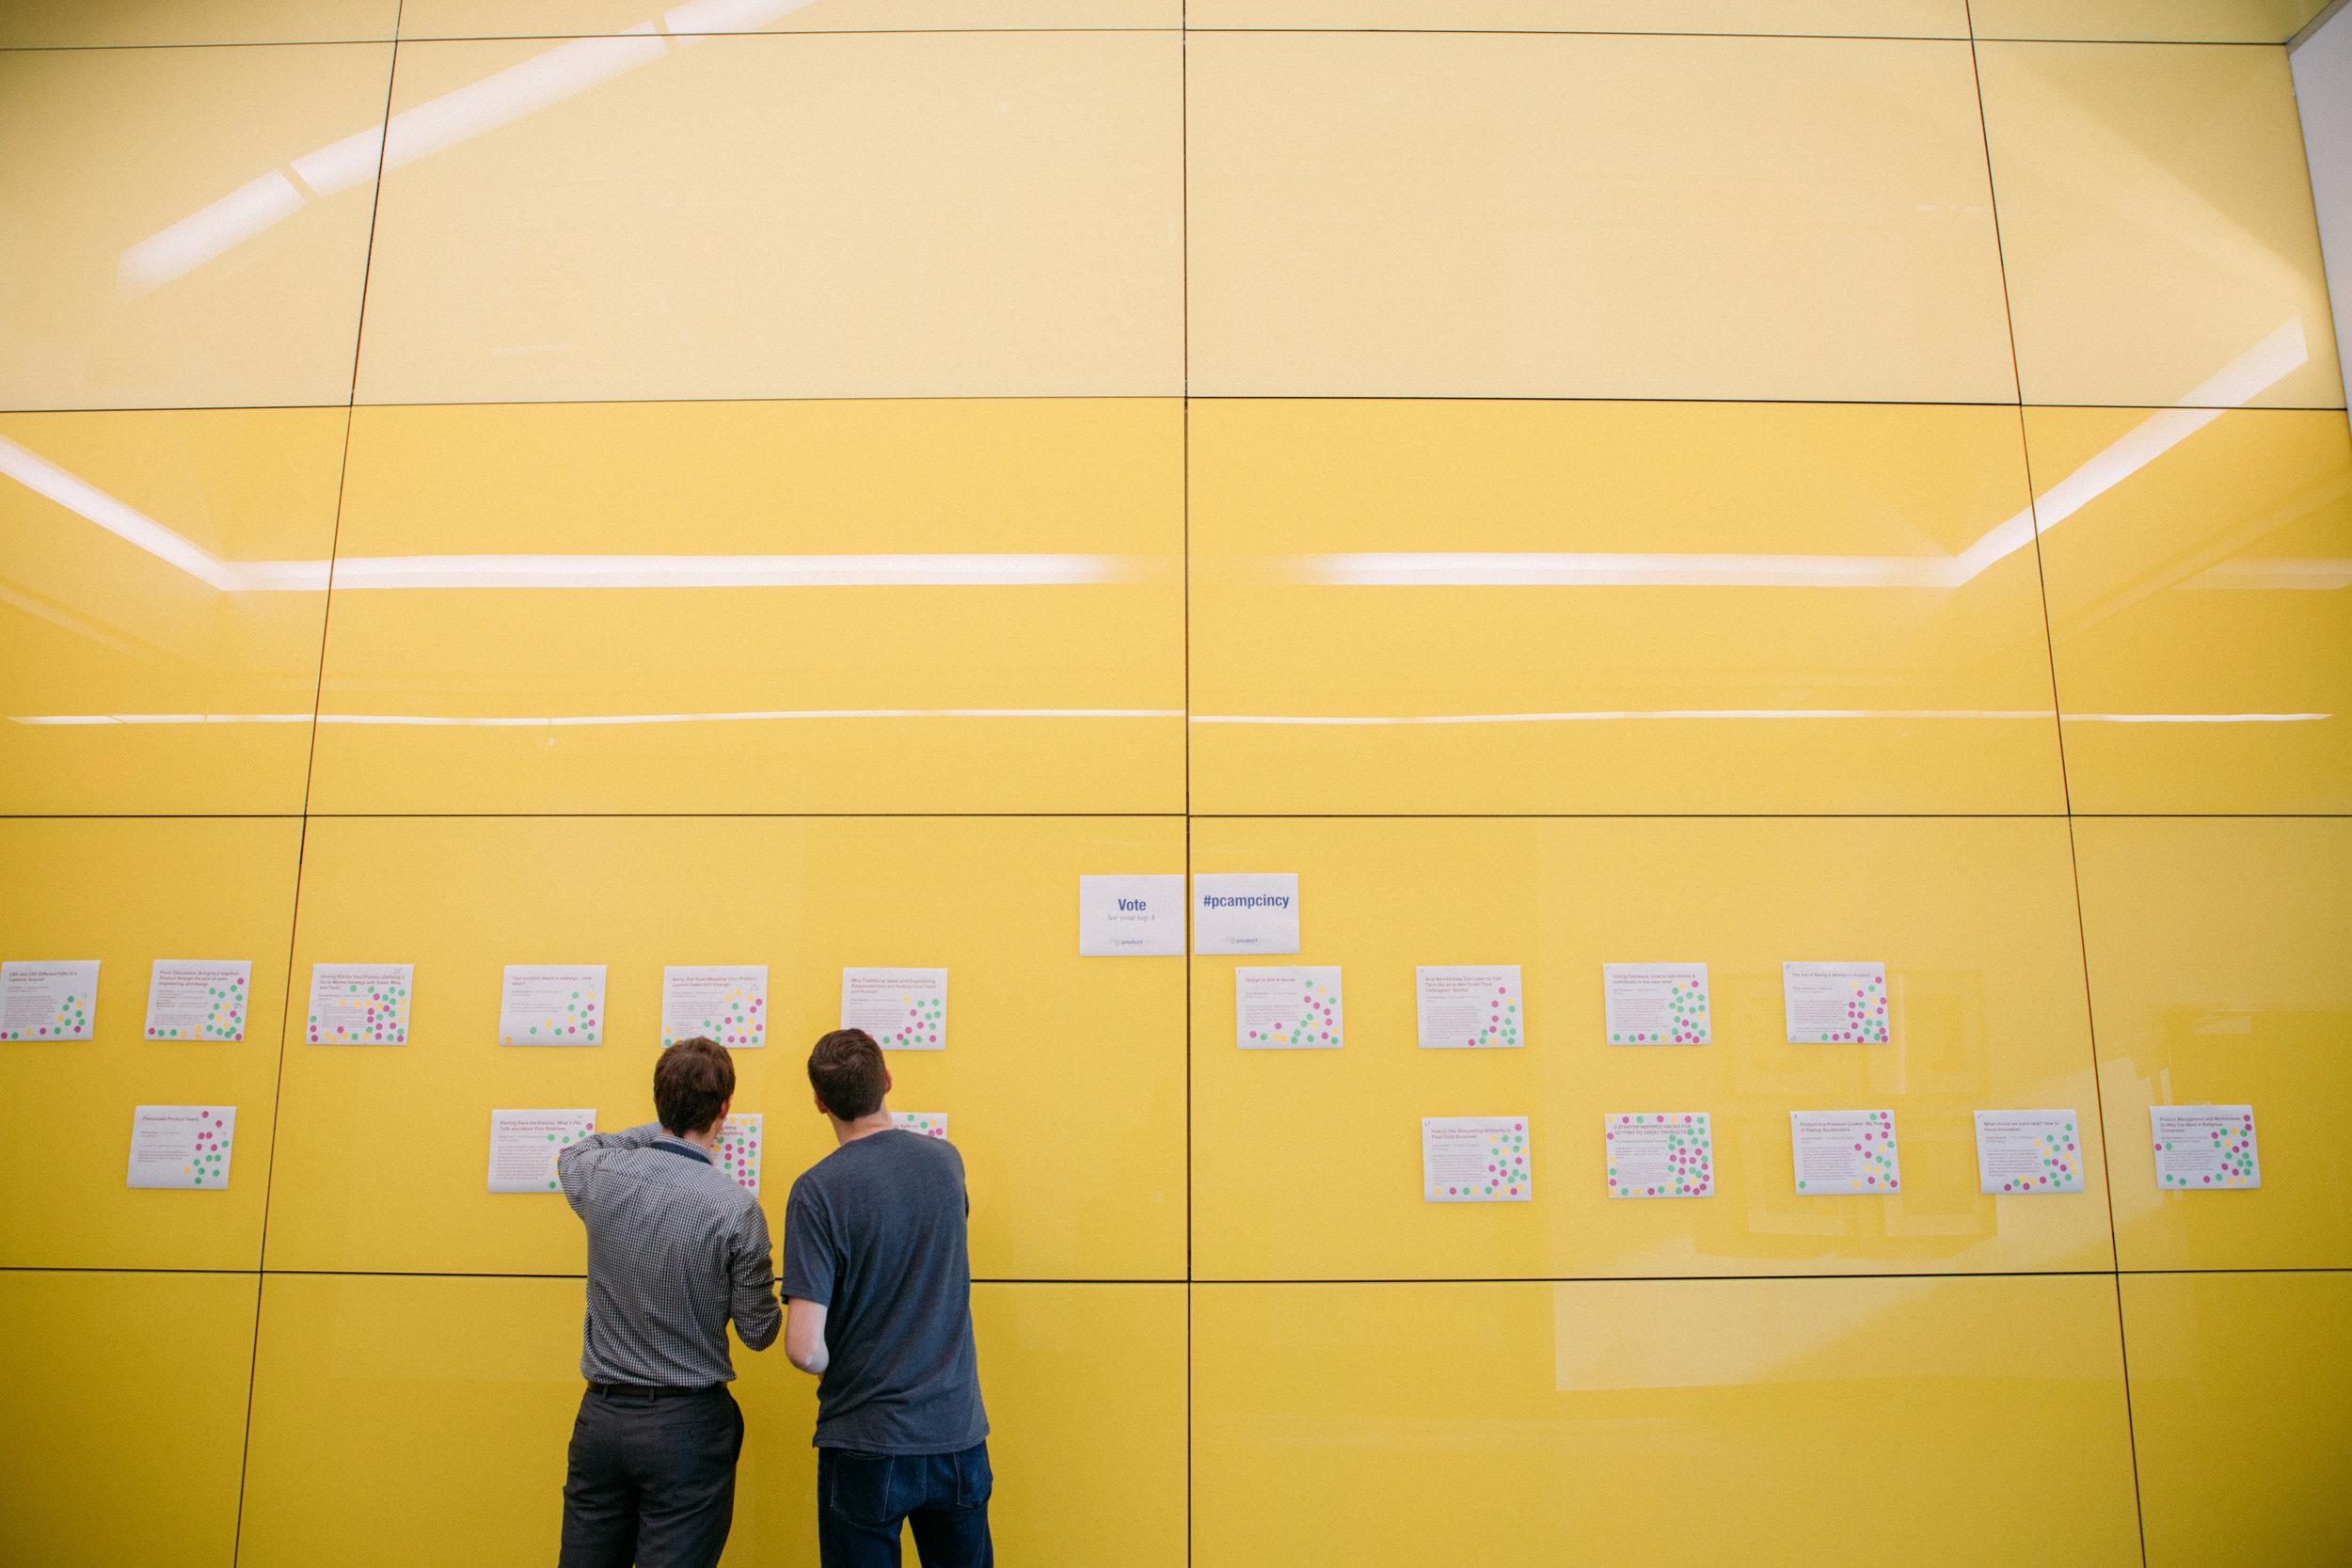 ProductCamp Cincinnati Speaker Wall Voting.JPG